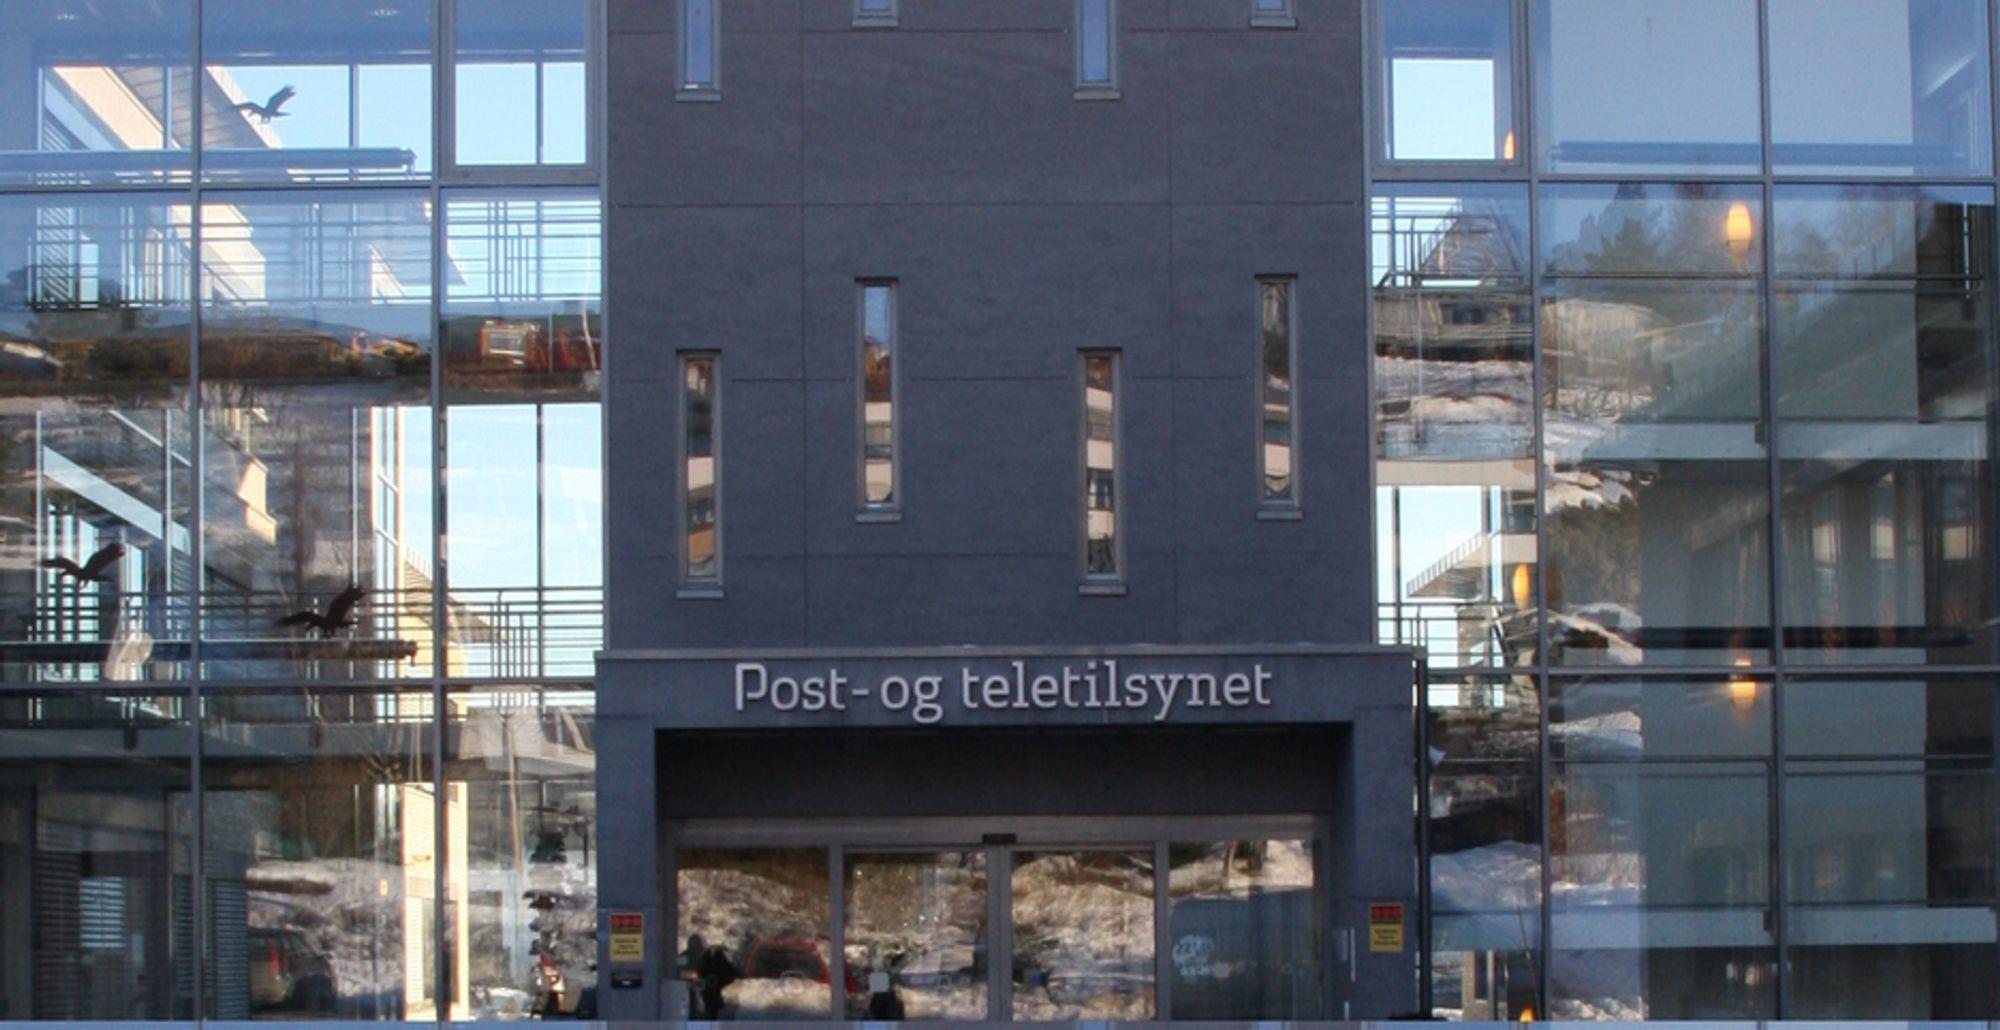 BYTTE PÅ TOPPEN: Post- og teletilsynet har funnet Willy Jensens arvtager. Her fra PTs hovedkontor i Lillesand.